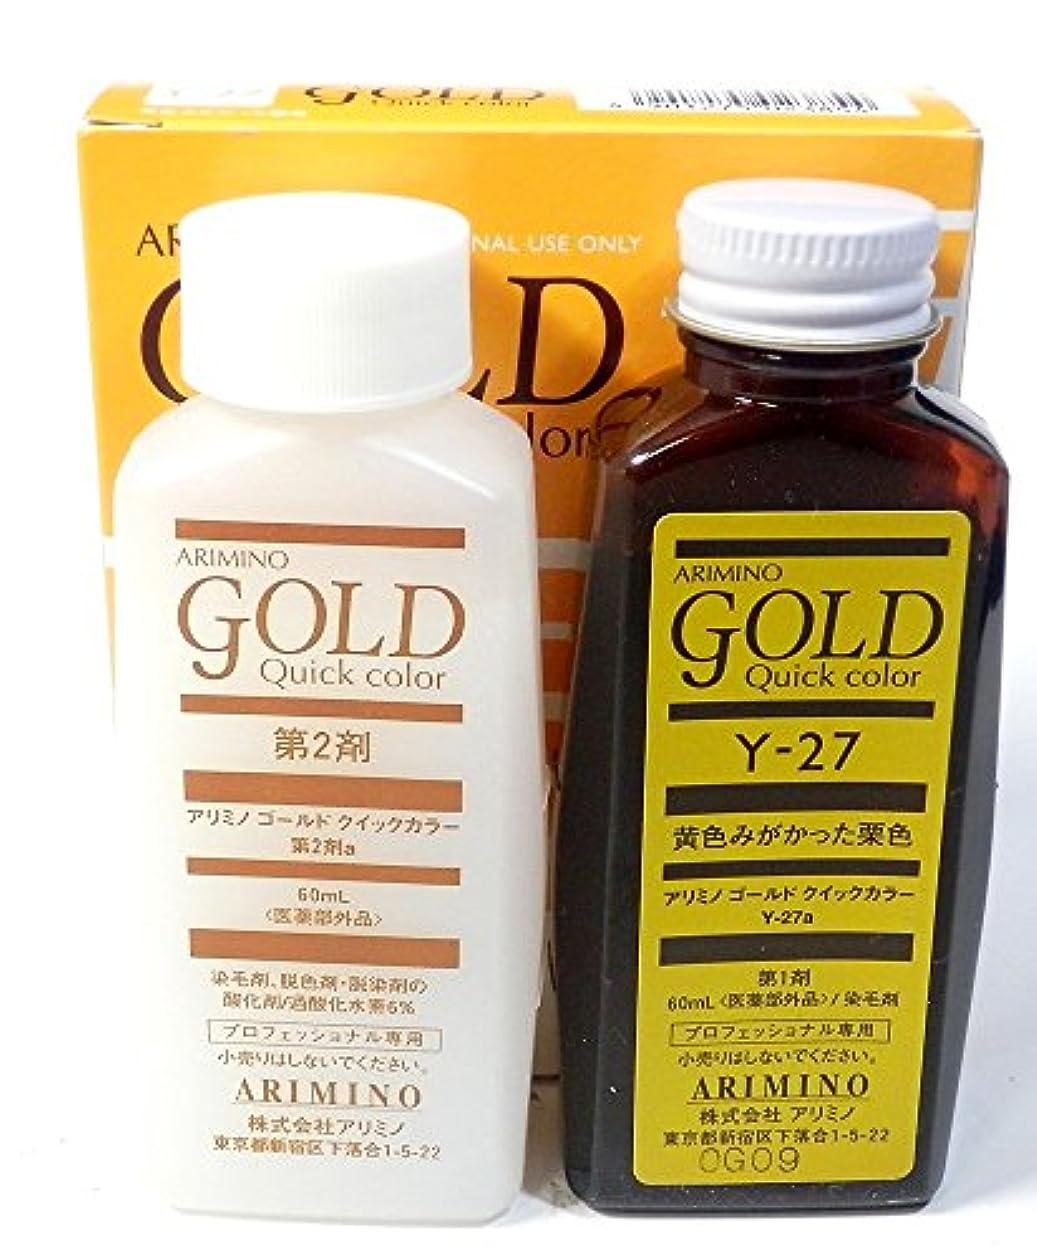 気難しい嬉しいです言い換えるとアリミノ ARIMINO ゴールド クイックカラー Y-27 白髪染め 新品 黄色みがかった栗色